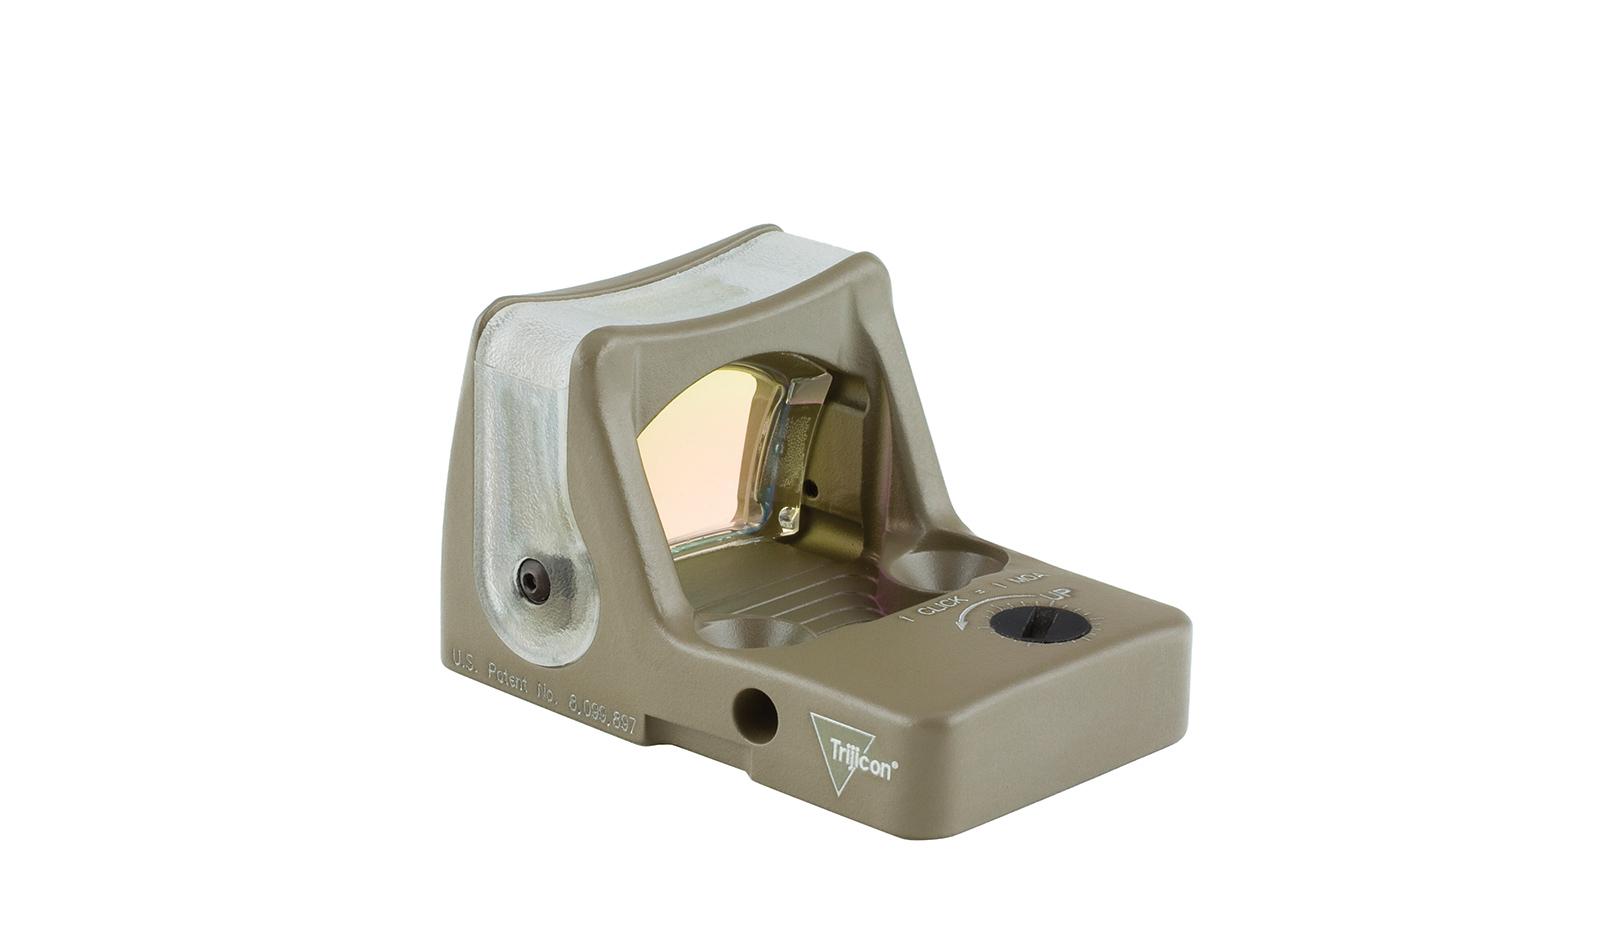 RM05-C-700210 angle 3